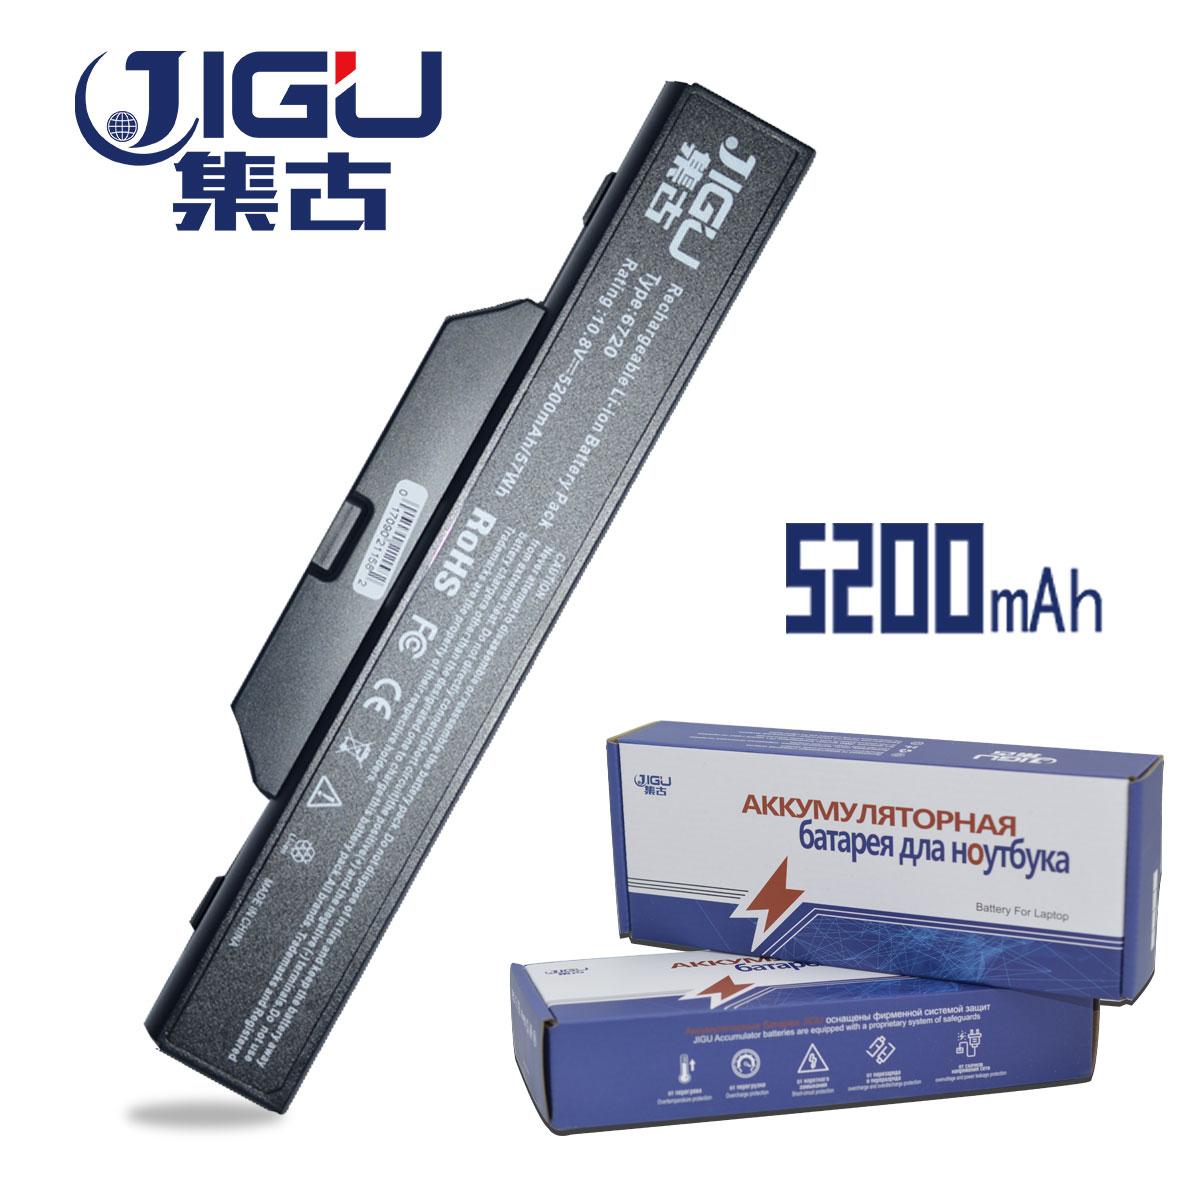 Jigu Laptop Battery For Hp 550 For Compaq Business Notebook 6720s 6730s 6735s Hstnn-xb51 Hstnn-xb52 Hstnn-xb62 Ku532aa Nbp6a96 Driving A Roaring Trade Laptop Batteries Laptop Accessories